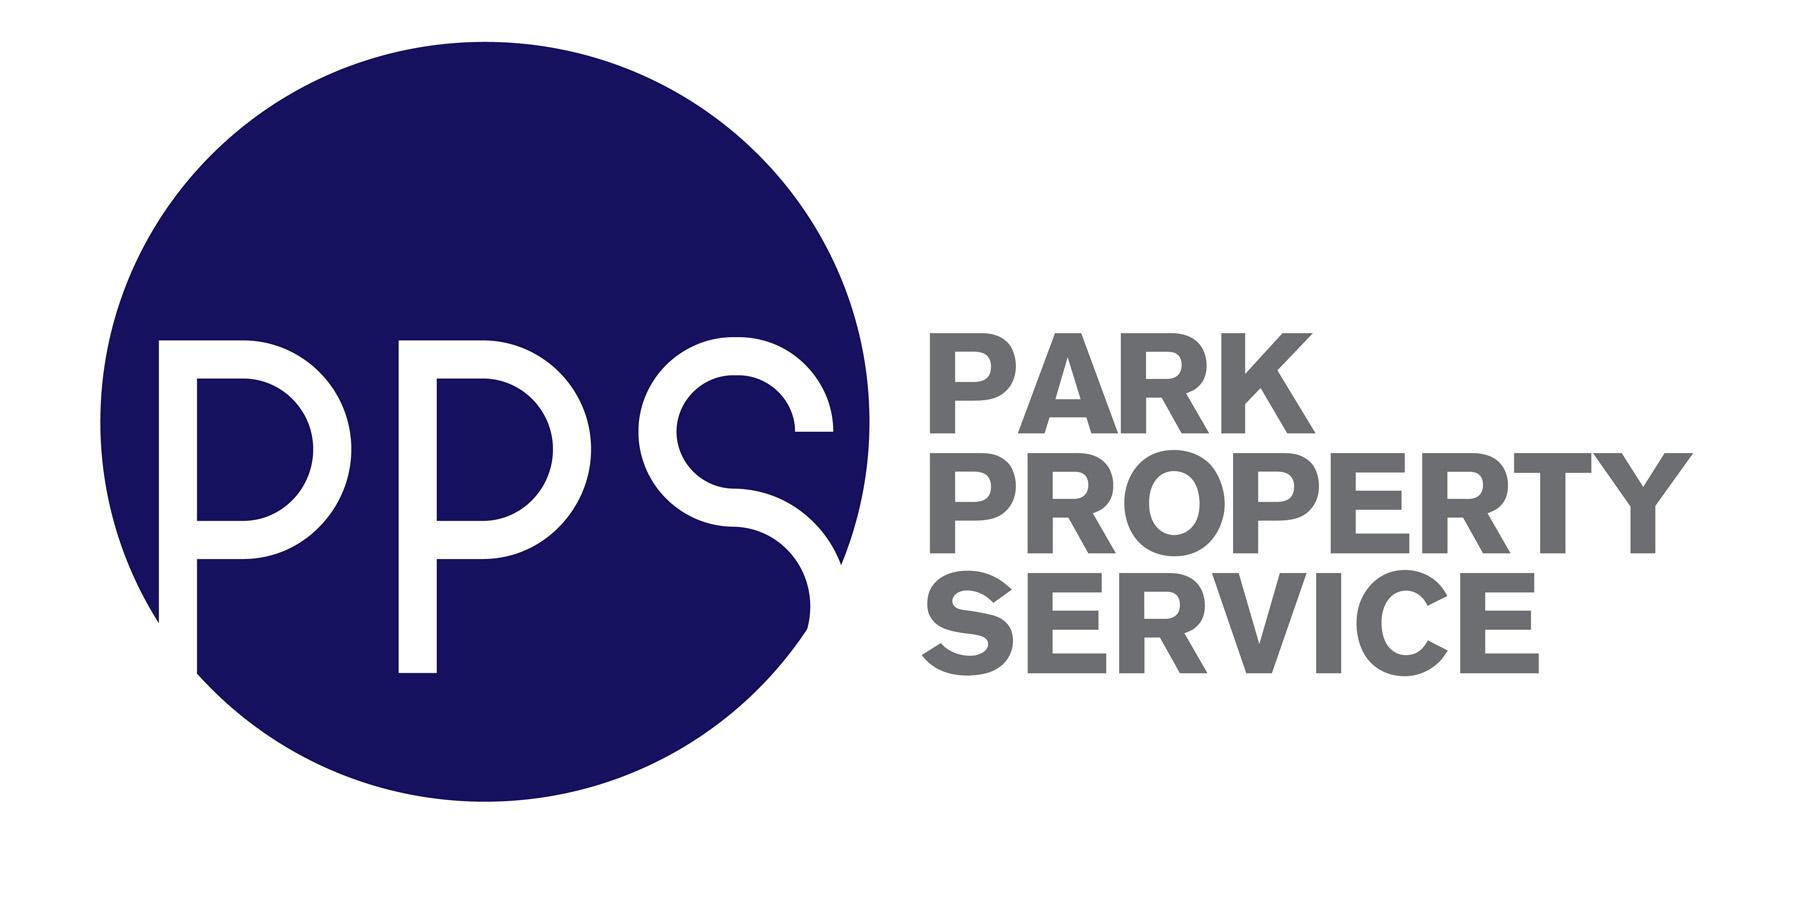 Park Property Service